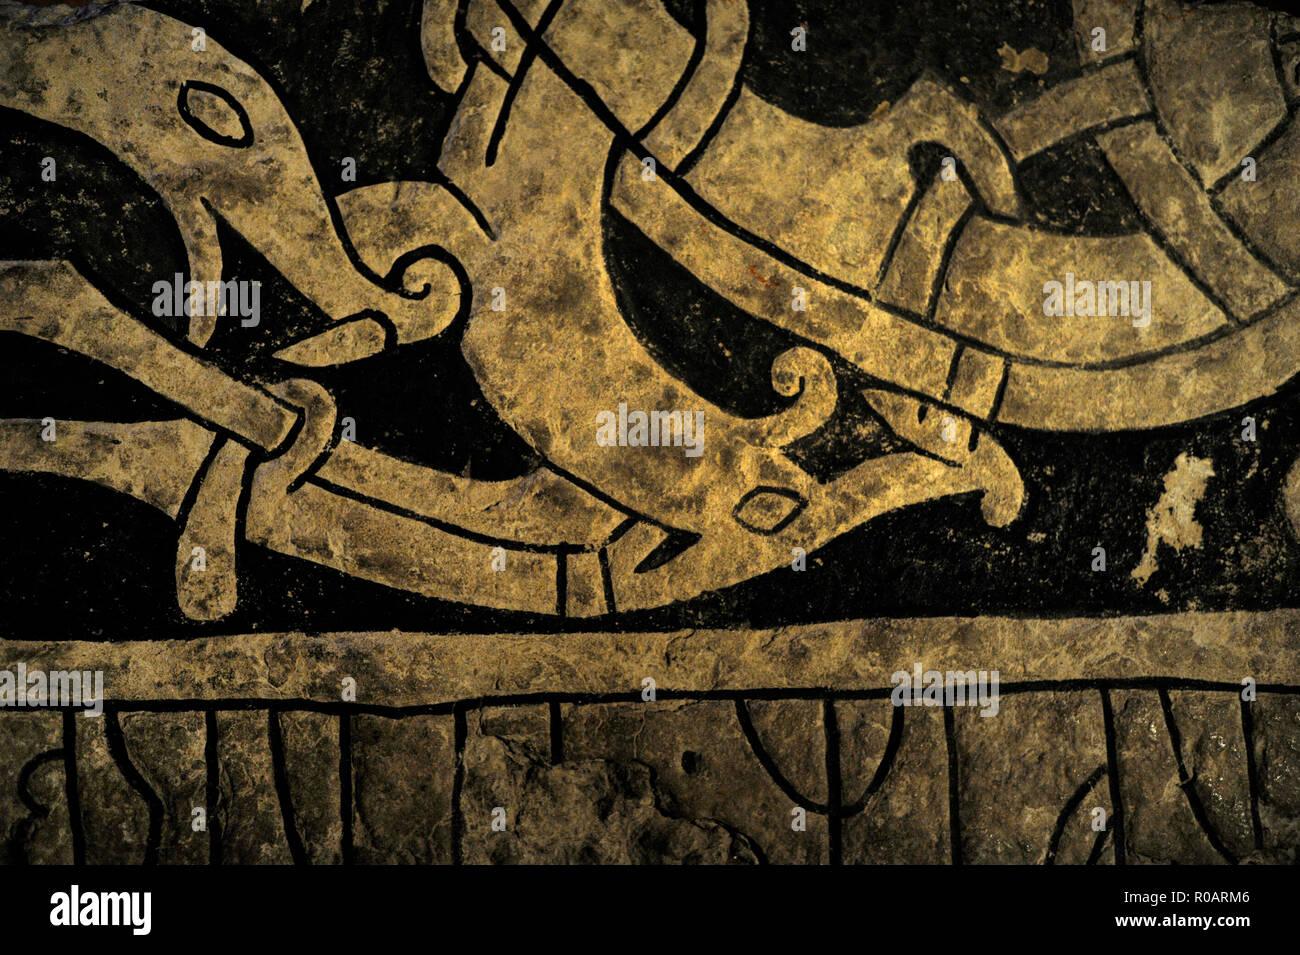 Piedra rúnica. Fragmento de la tapa de un sarcófago de piedra de Husaby, provincia de Vastergotland. Texto: En memoria de Styrbjorn. A finales de la era vikinga. El Museo de la historia de Suecia. Estocolmo. Suecia. Foto de stock